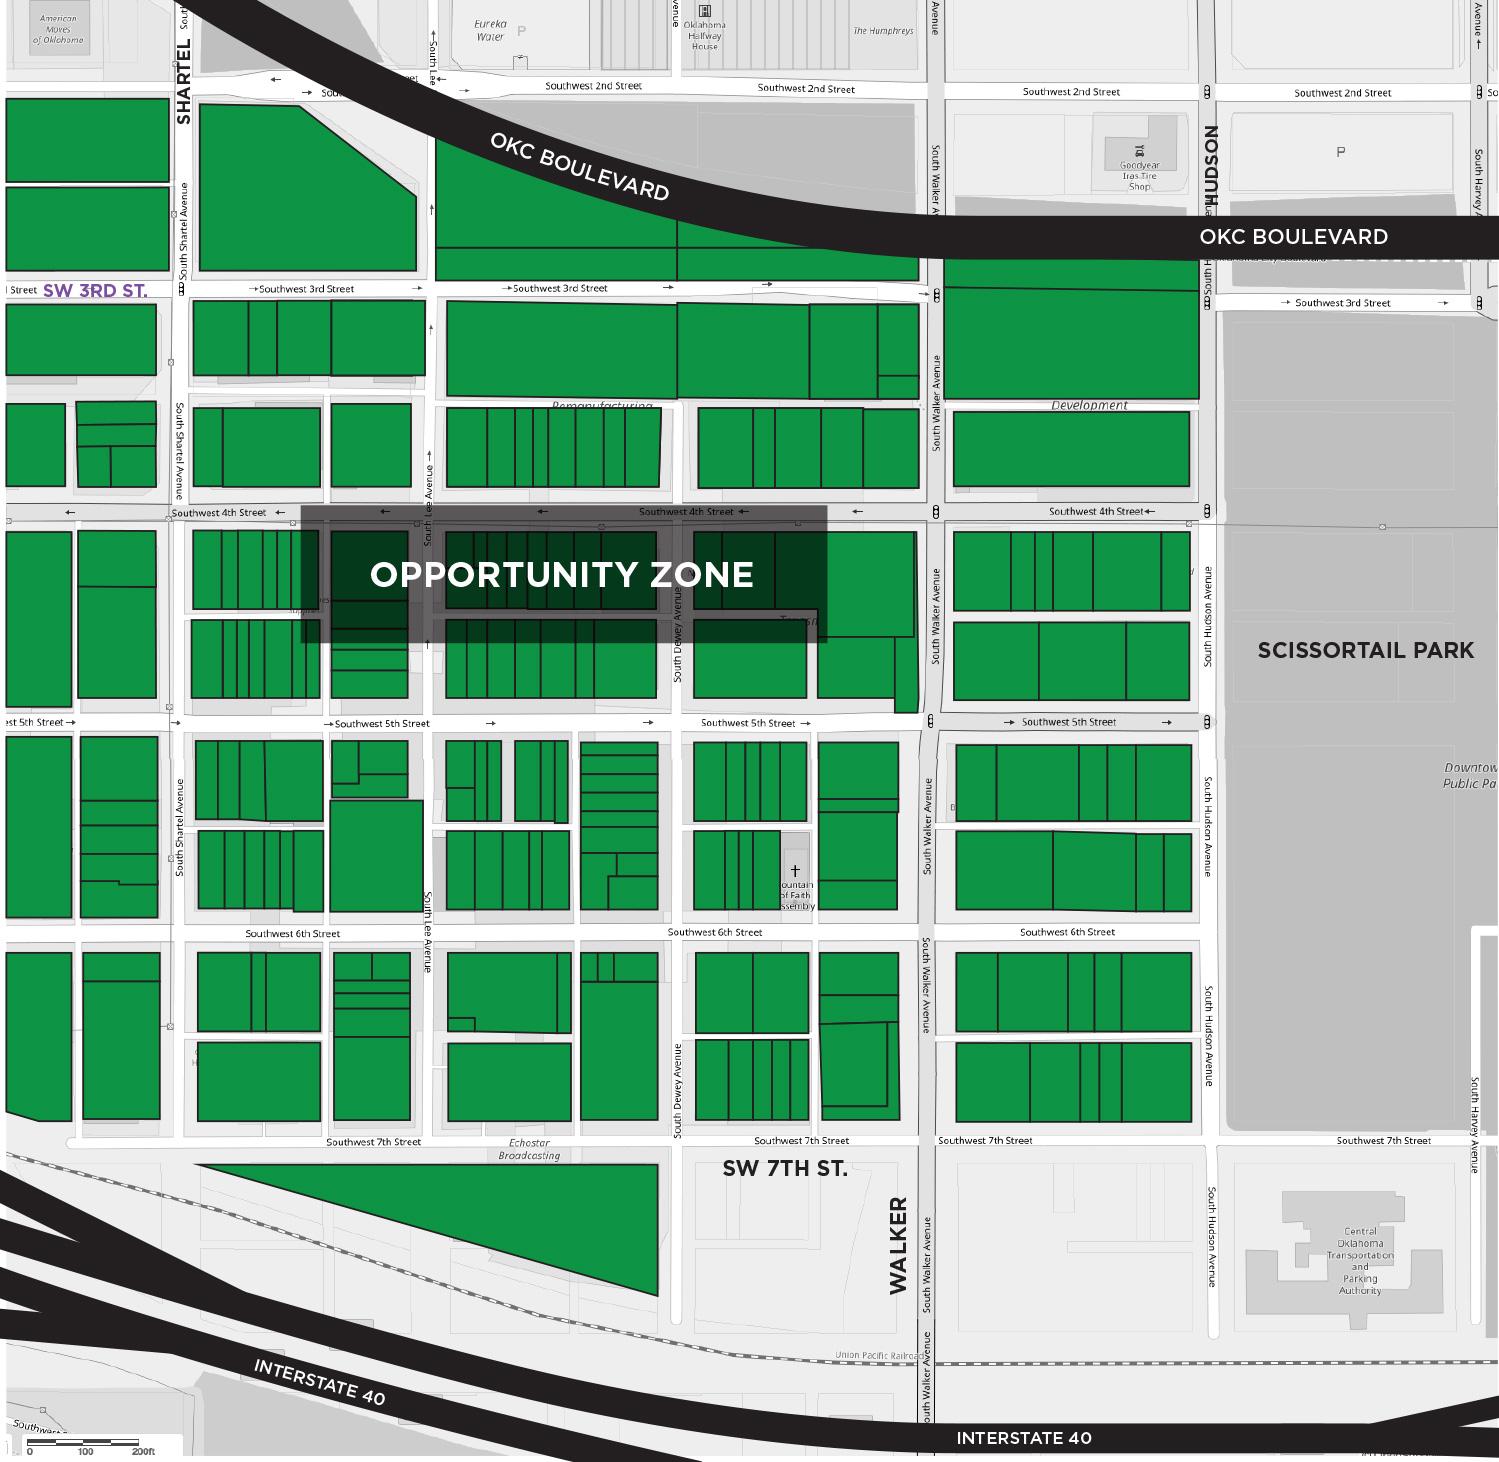 SF-Opportunity-Zone-map.jpg